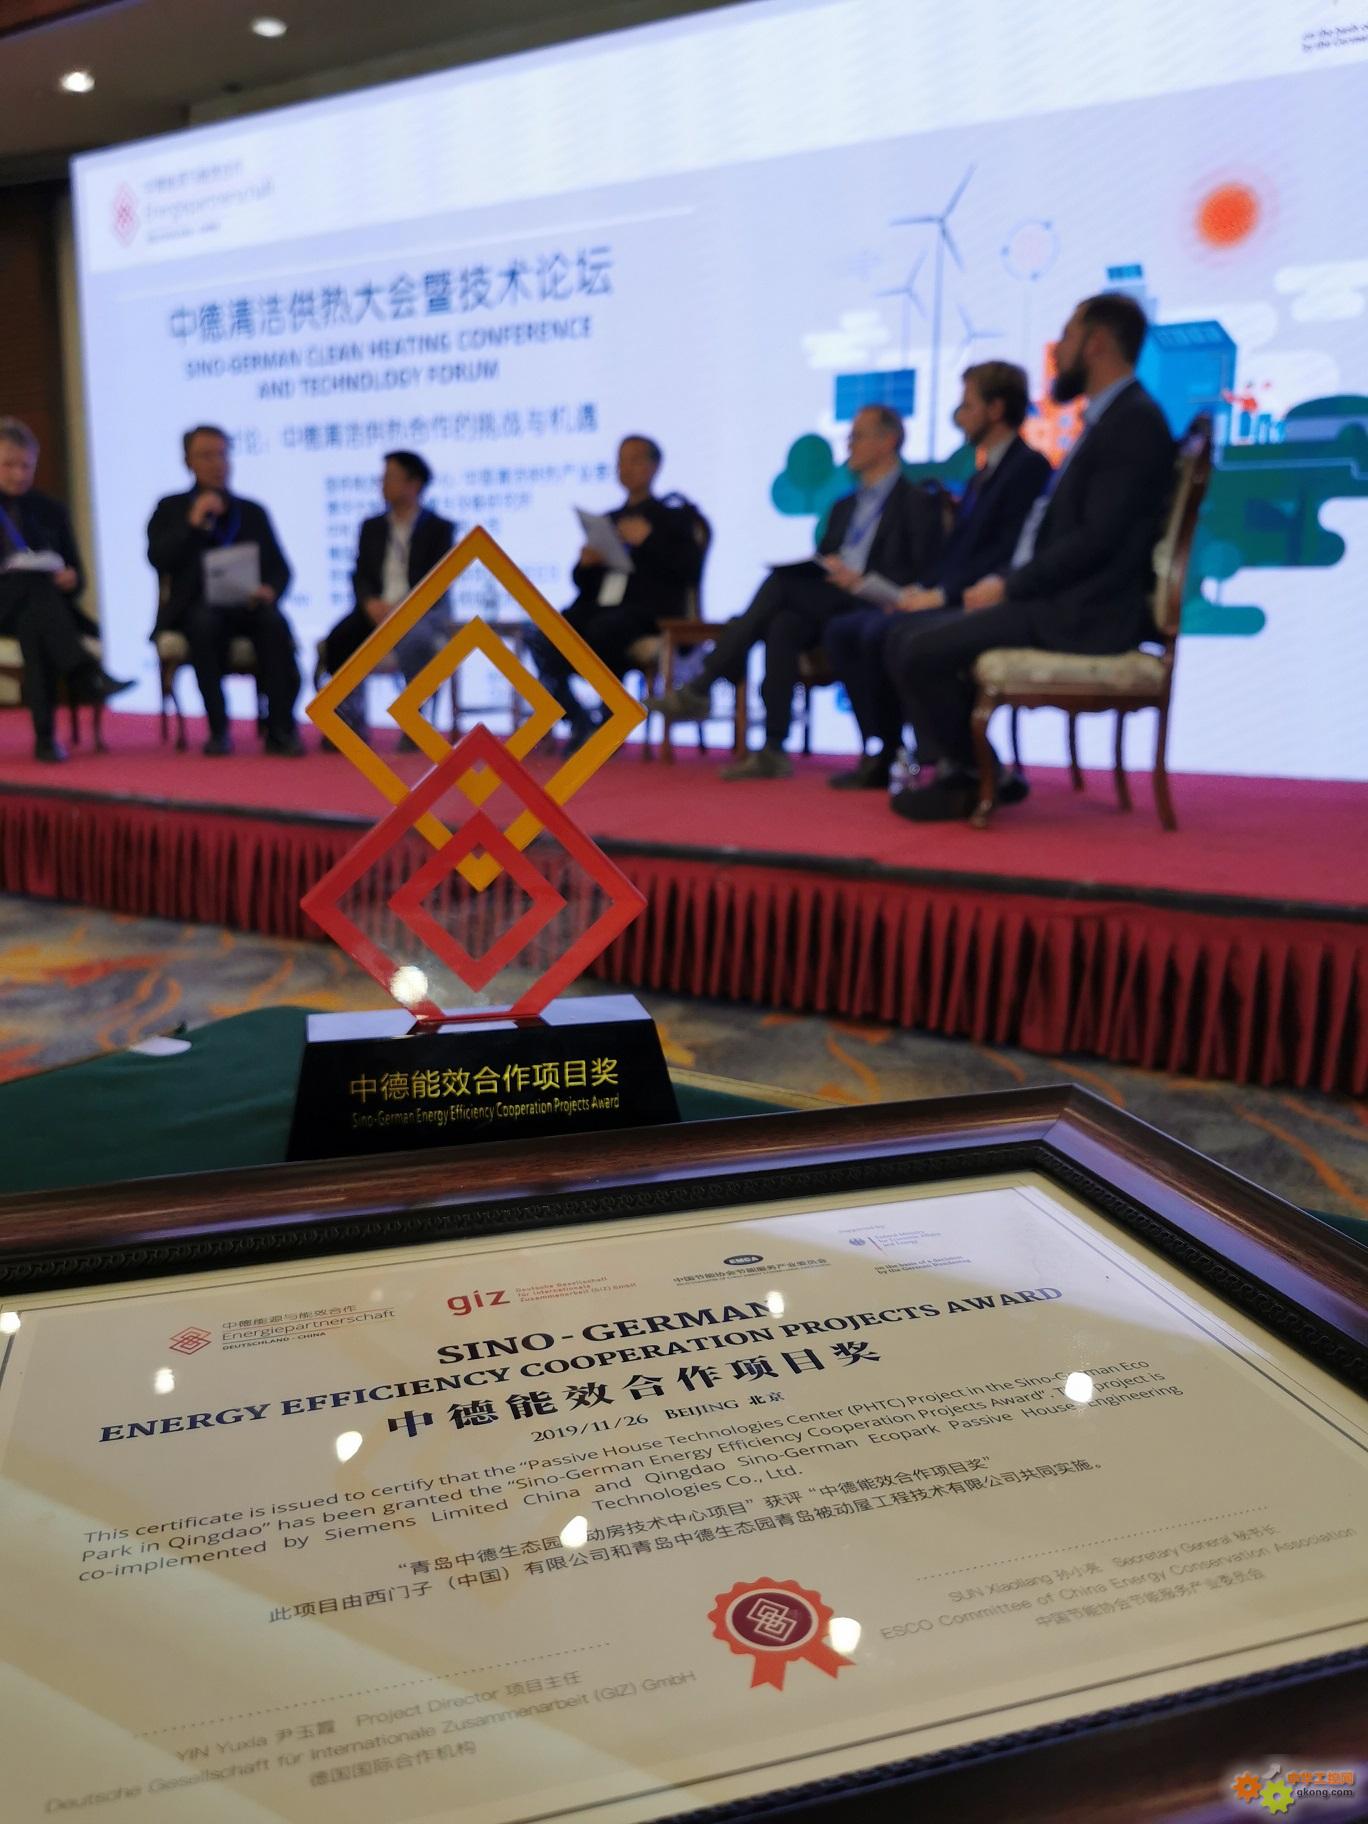 新闻图片1_西门子助力青岛中德生态园被动房技术中心荣获首届中德能效合作项目奖